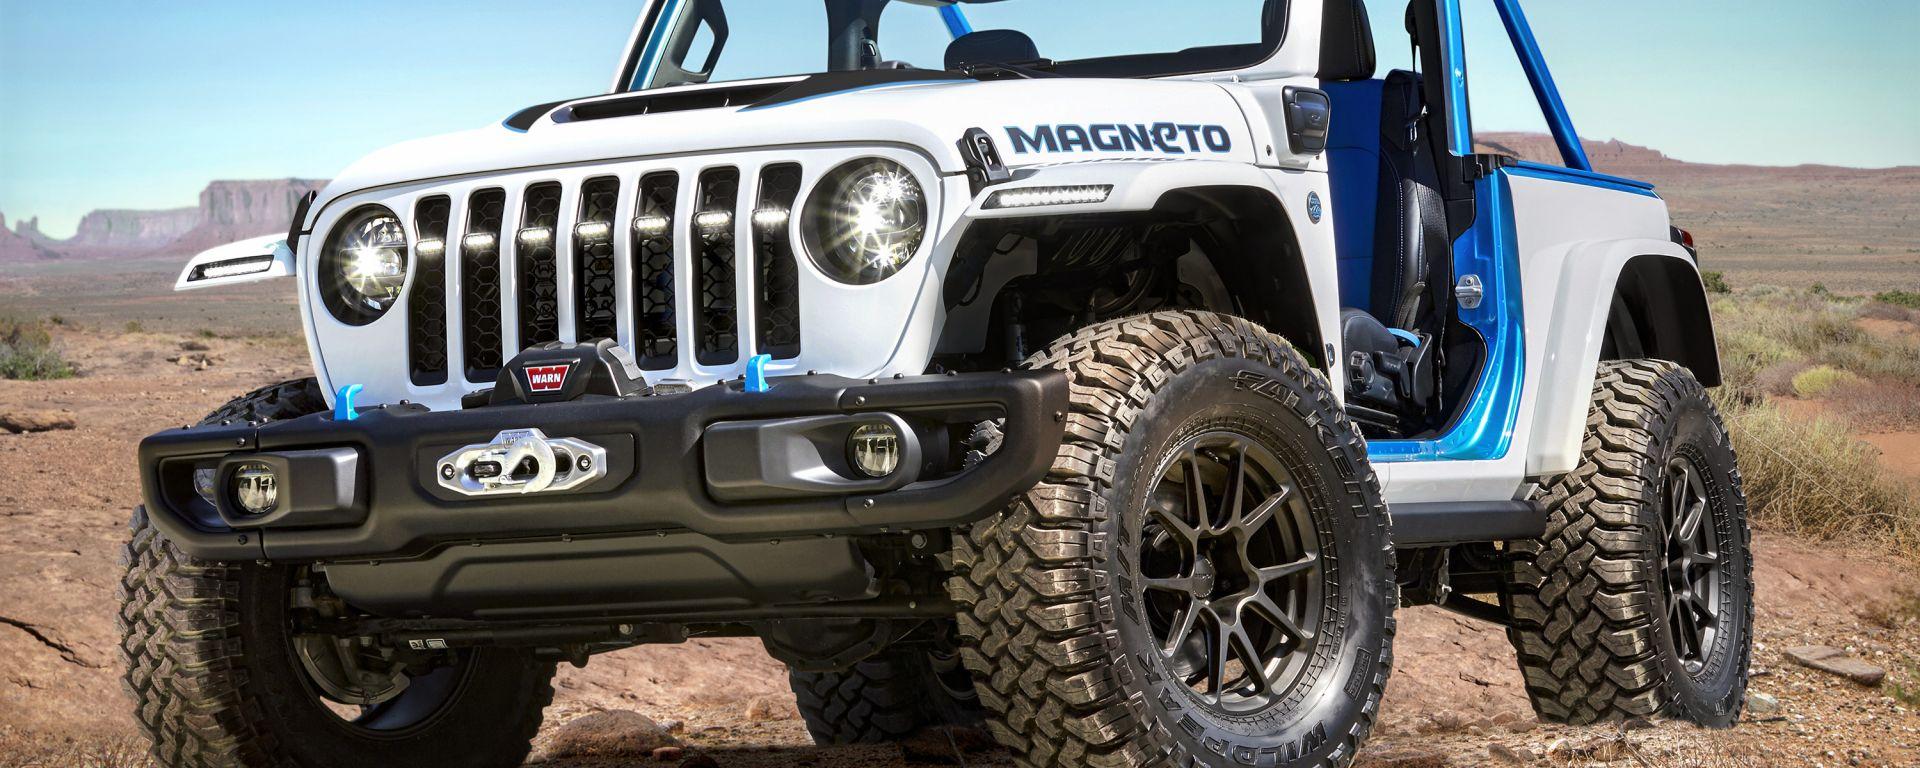 Jeep Magneto, all'Easter Jeep Safari 2021 la concept di Wrangler BEV